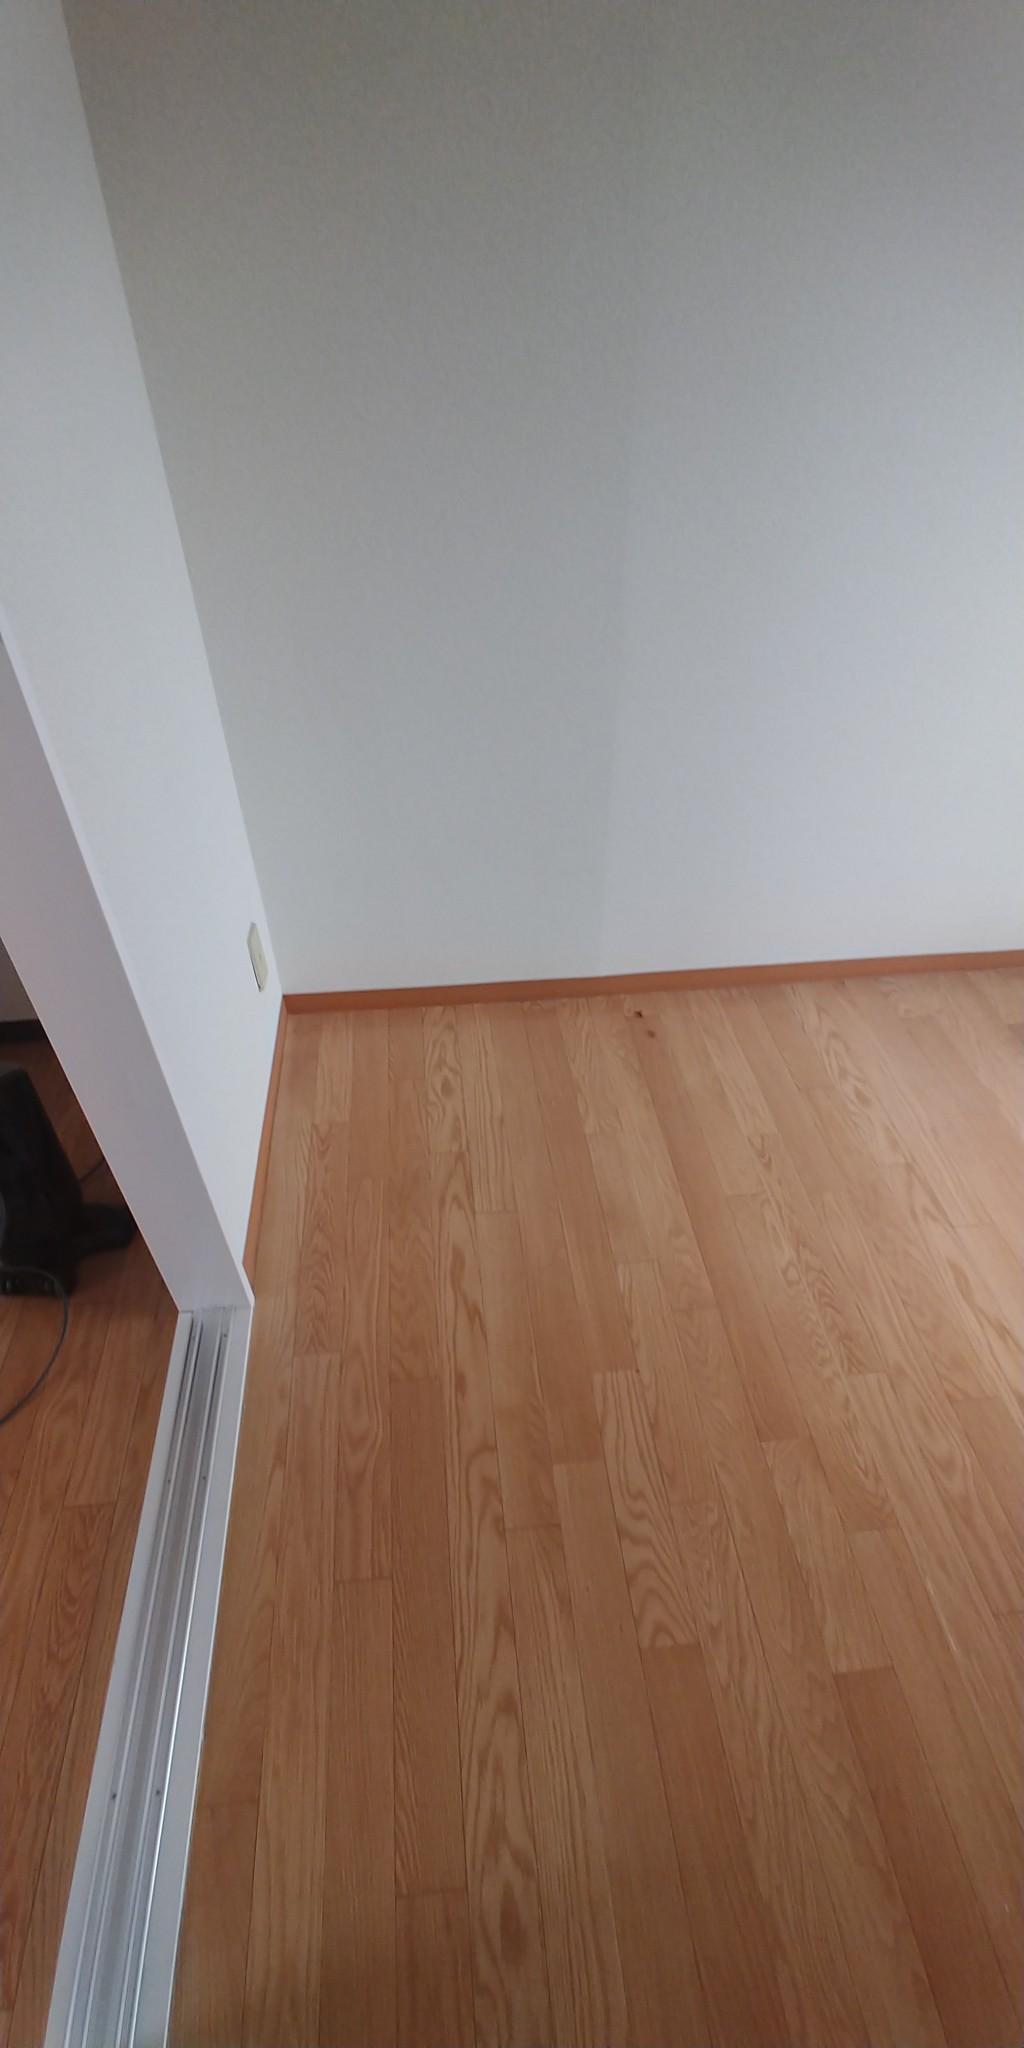 【滑川市】重い家具の回収☆階段からの搬出も作業スタッフがスピーディーに行いご満足いただけました。